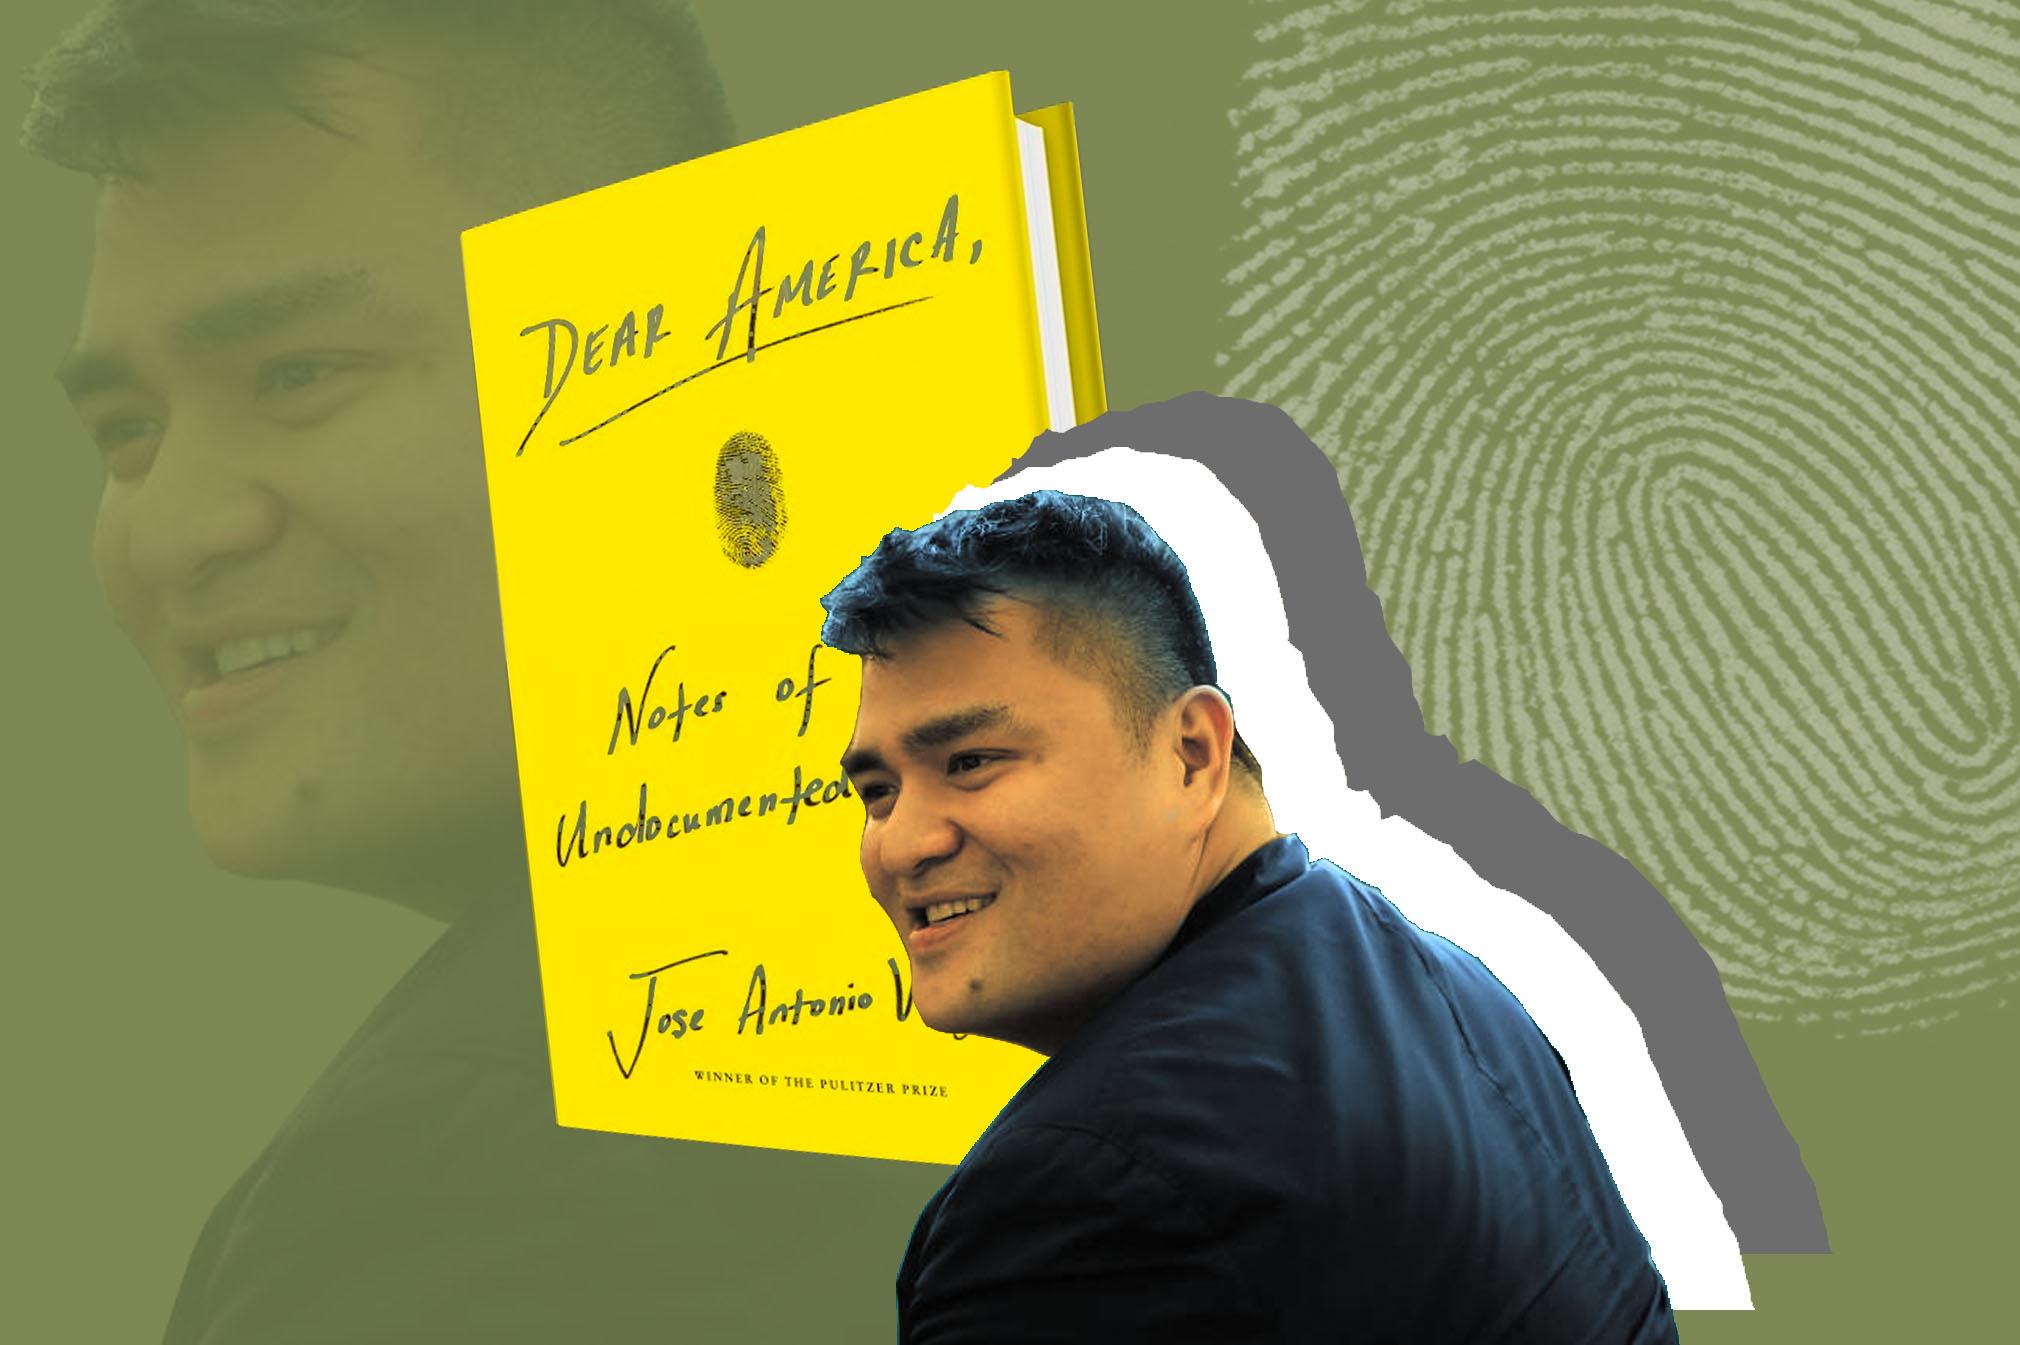 Jose Antonio Vargas.jpg